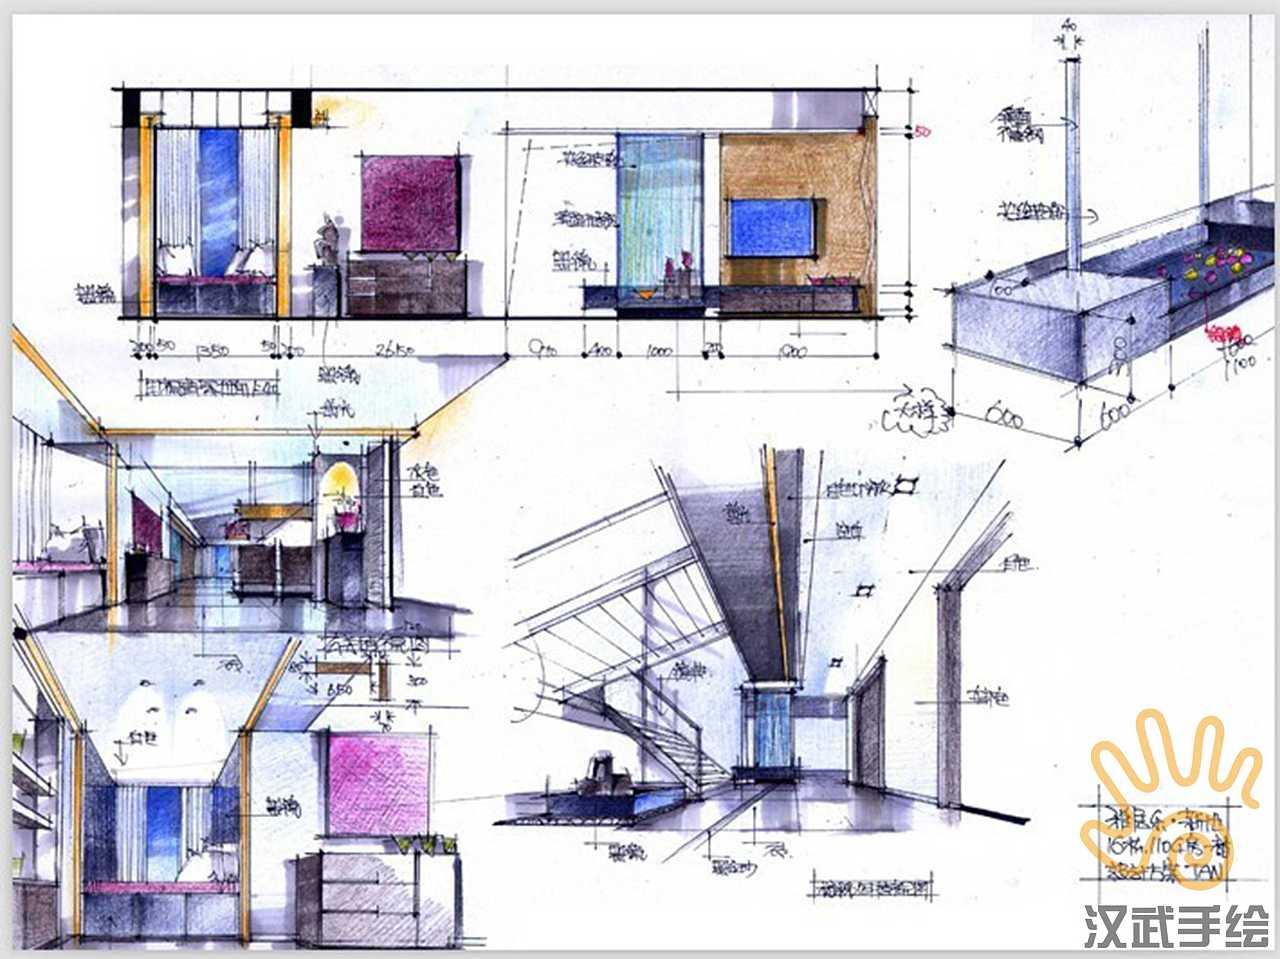 室内设计手绘考研快题模版